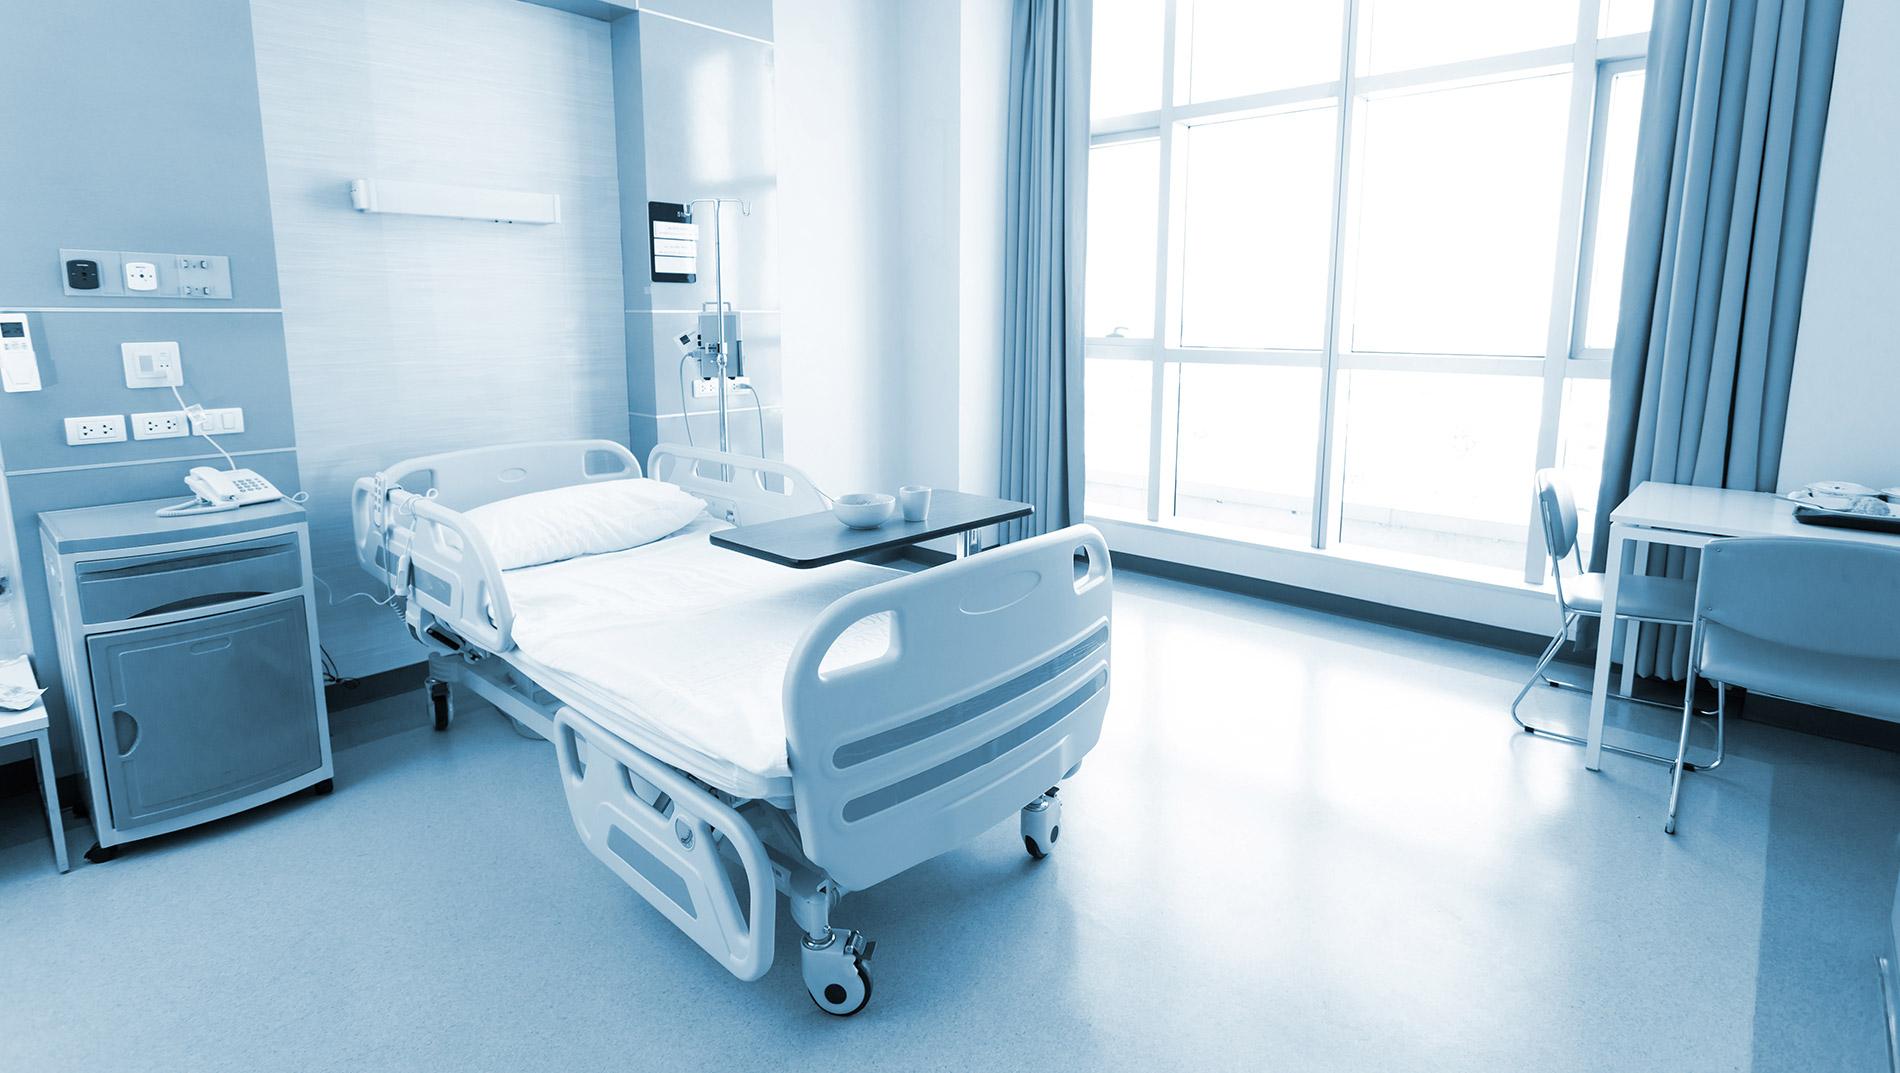 clinique-saint-antoine-agence-de-communication-medicale-karma-sante-paris-nice-creation-site-supports-communication-2